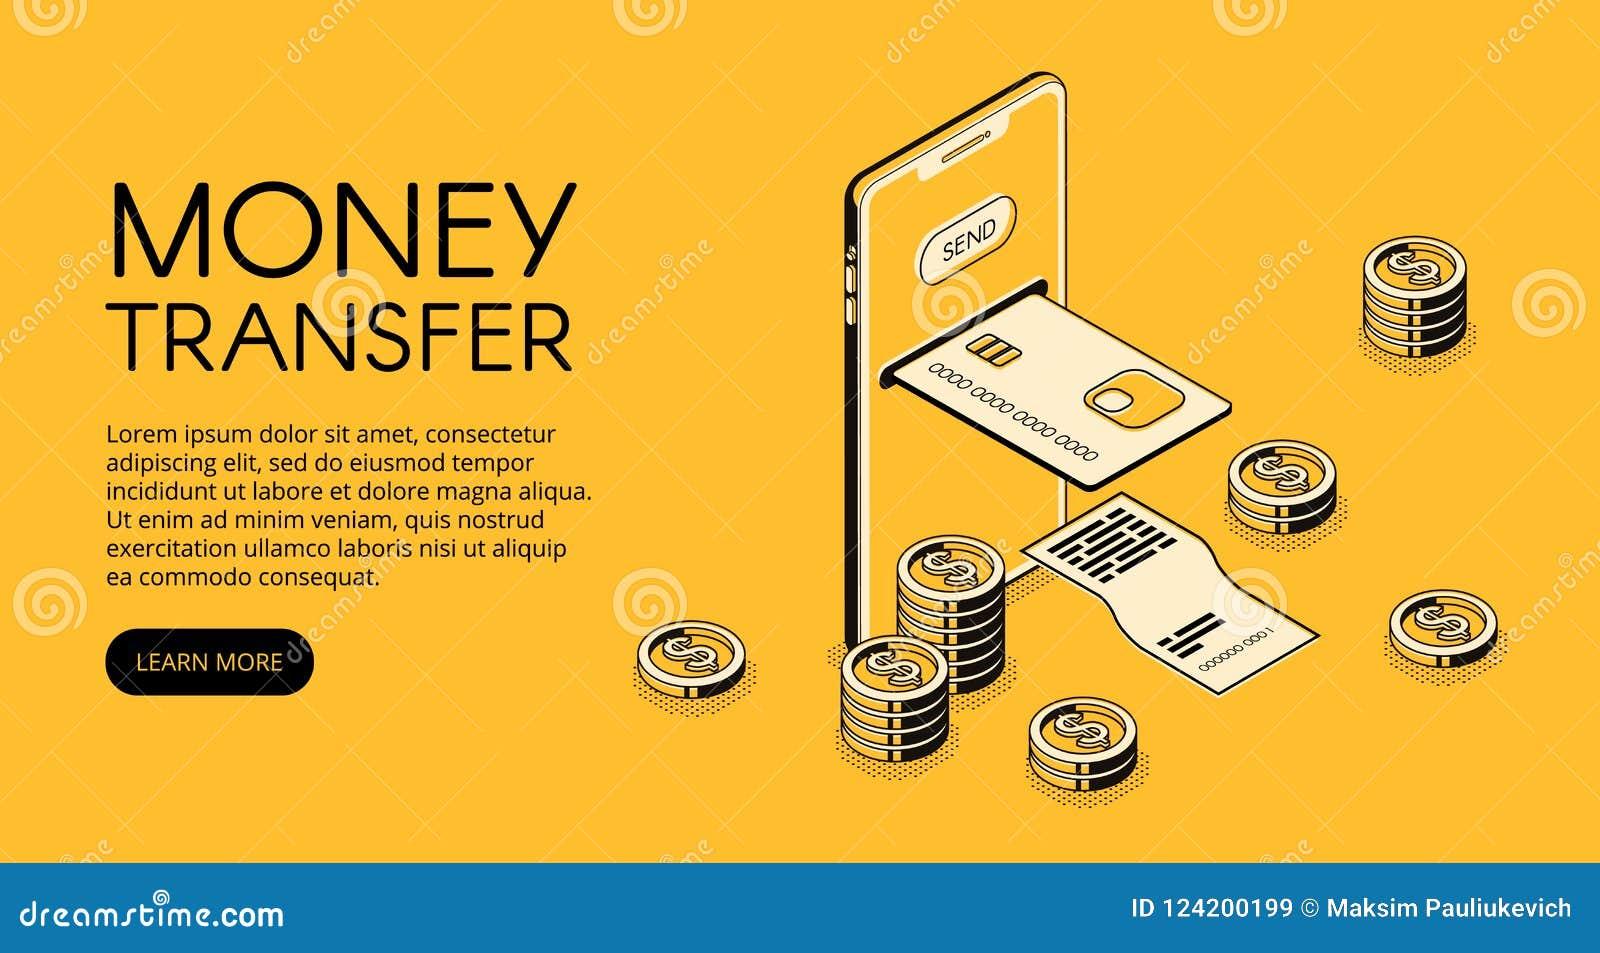 Ilustração do vetor do smartphone de transferência de dinheiro